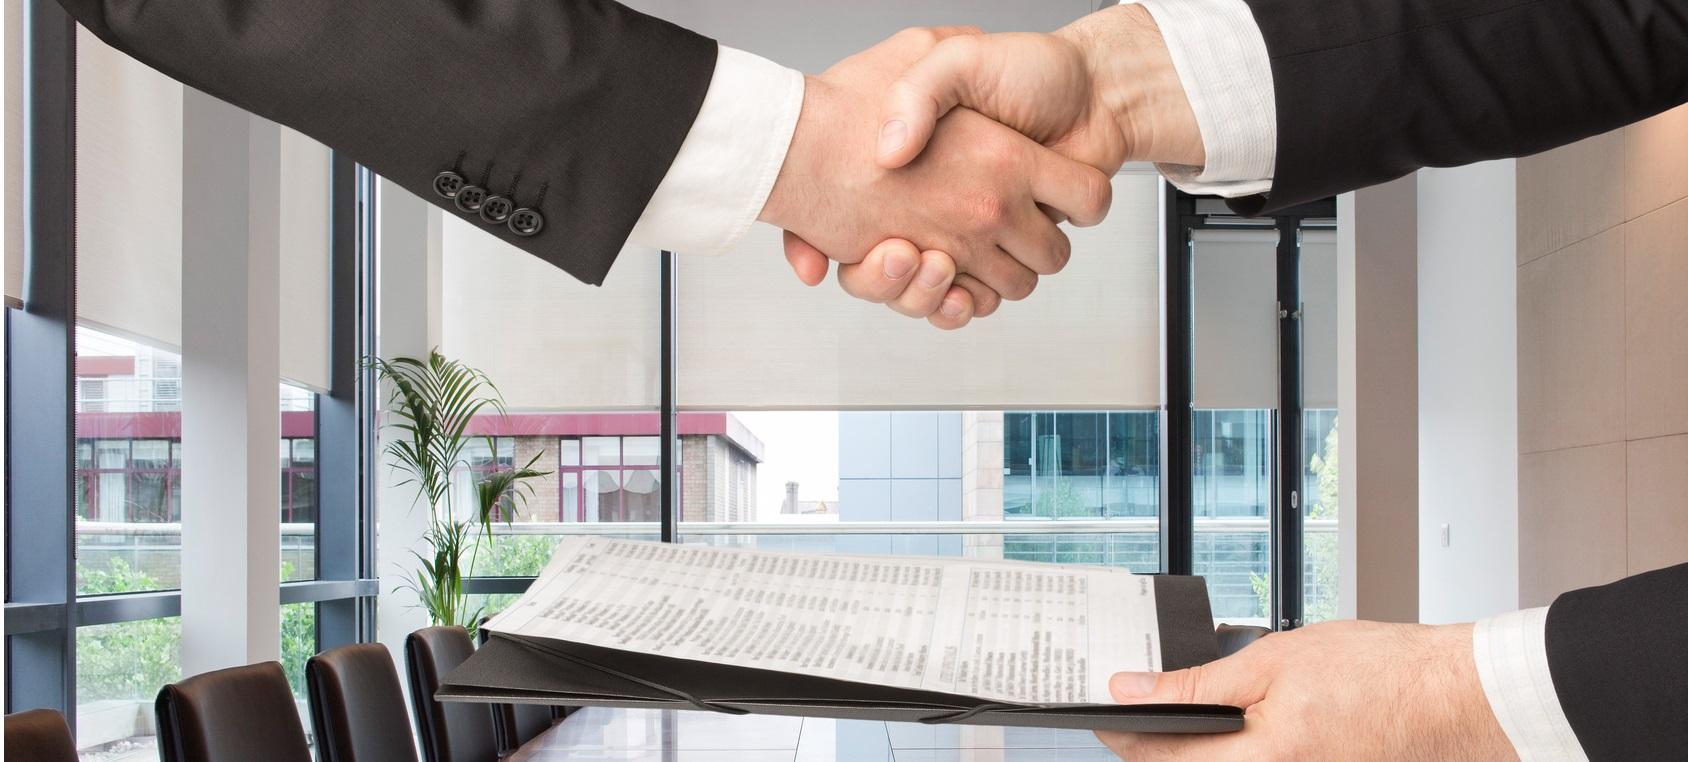 Бизнес поддержат поручительством